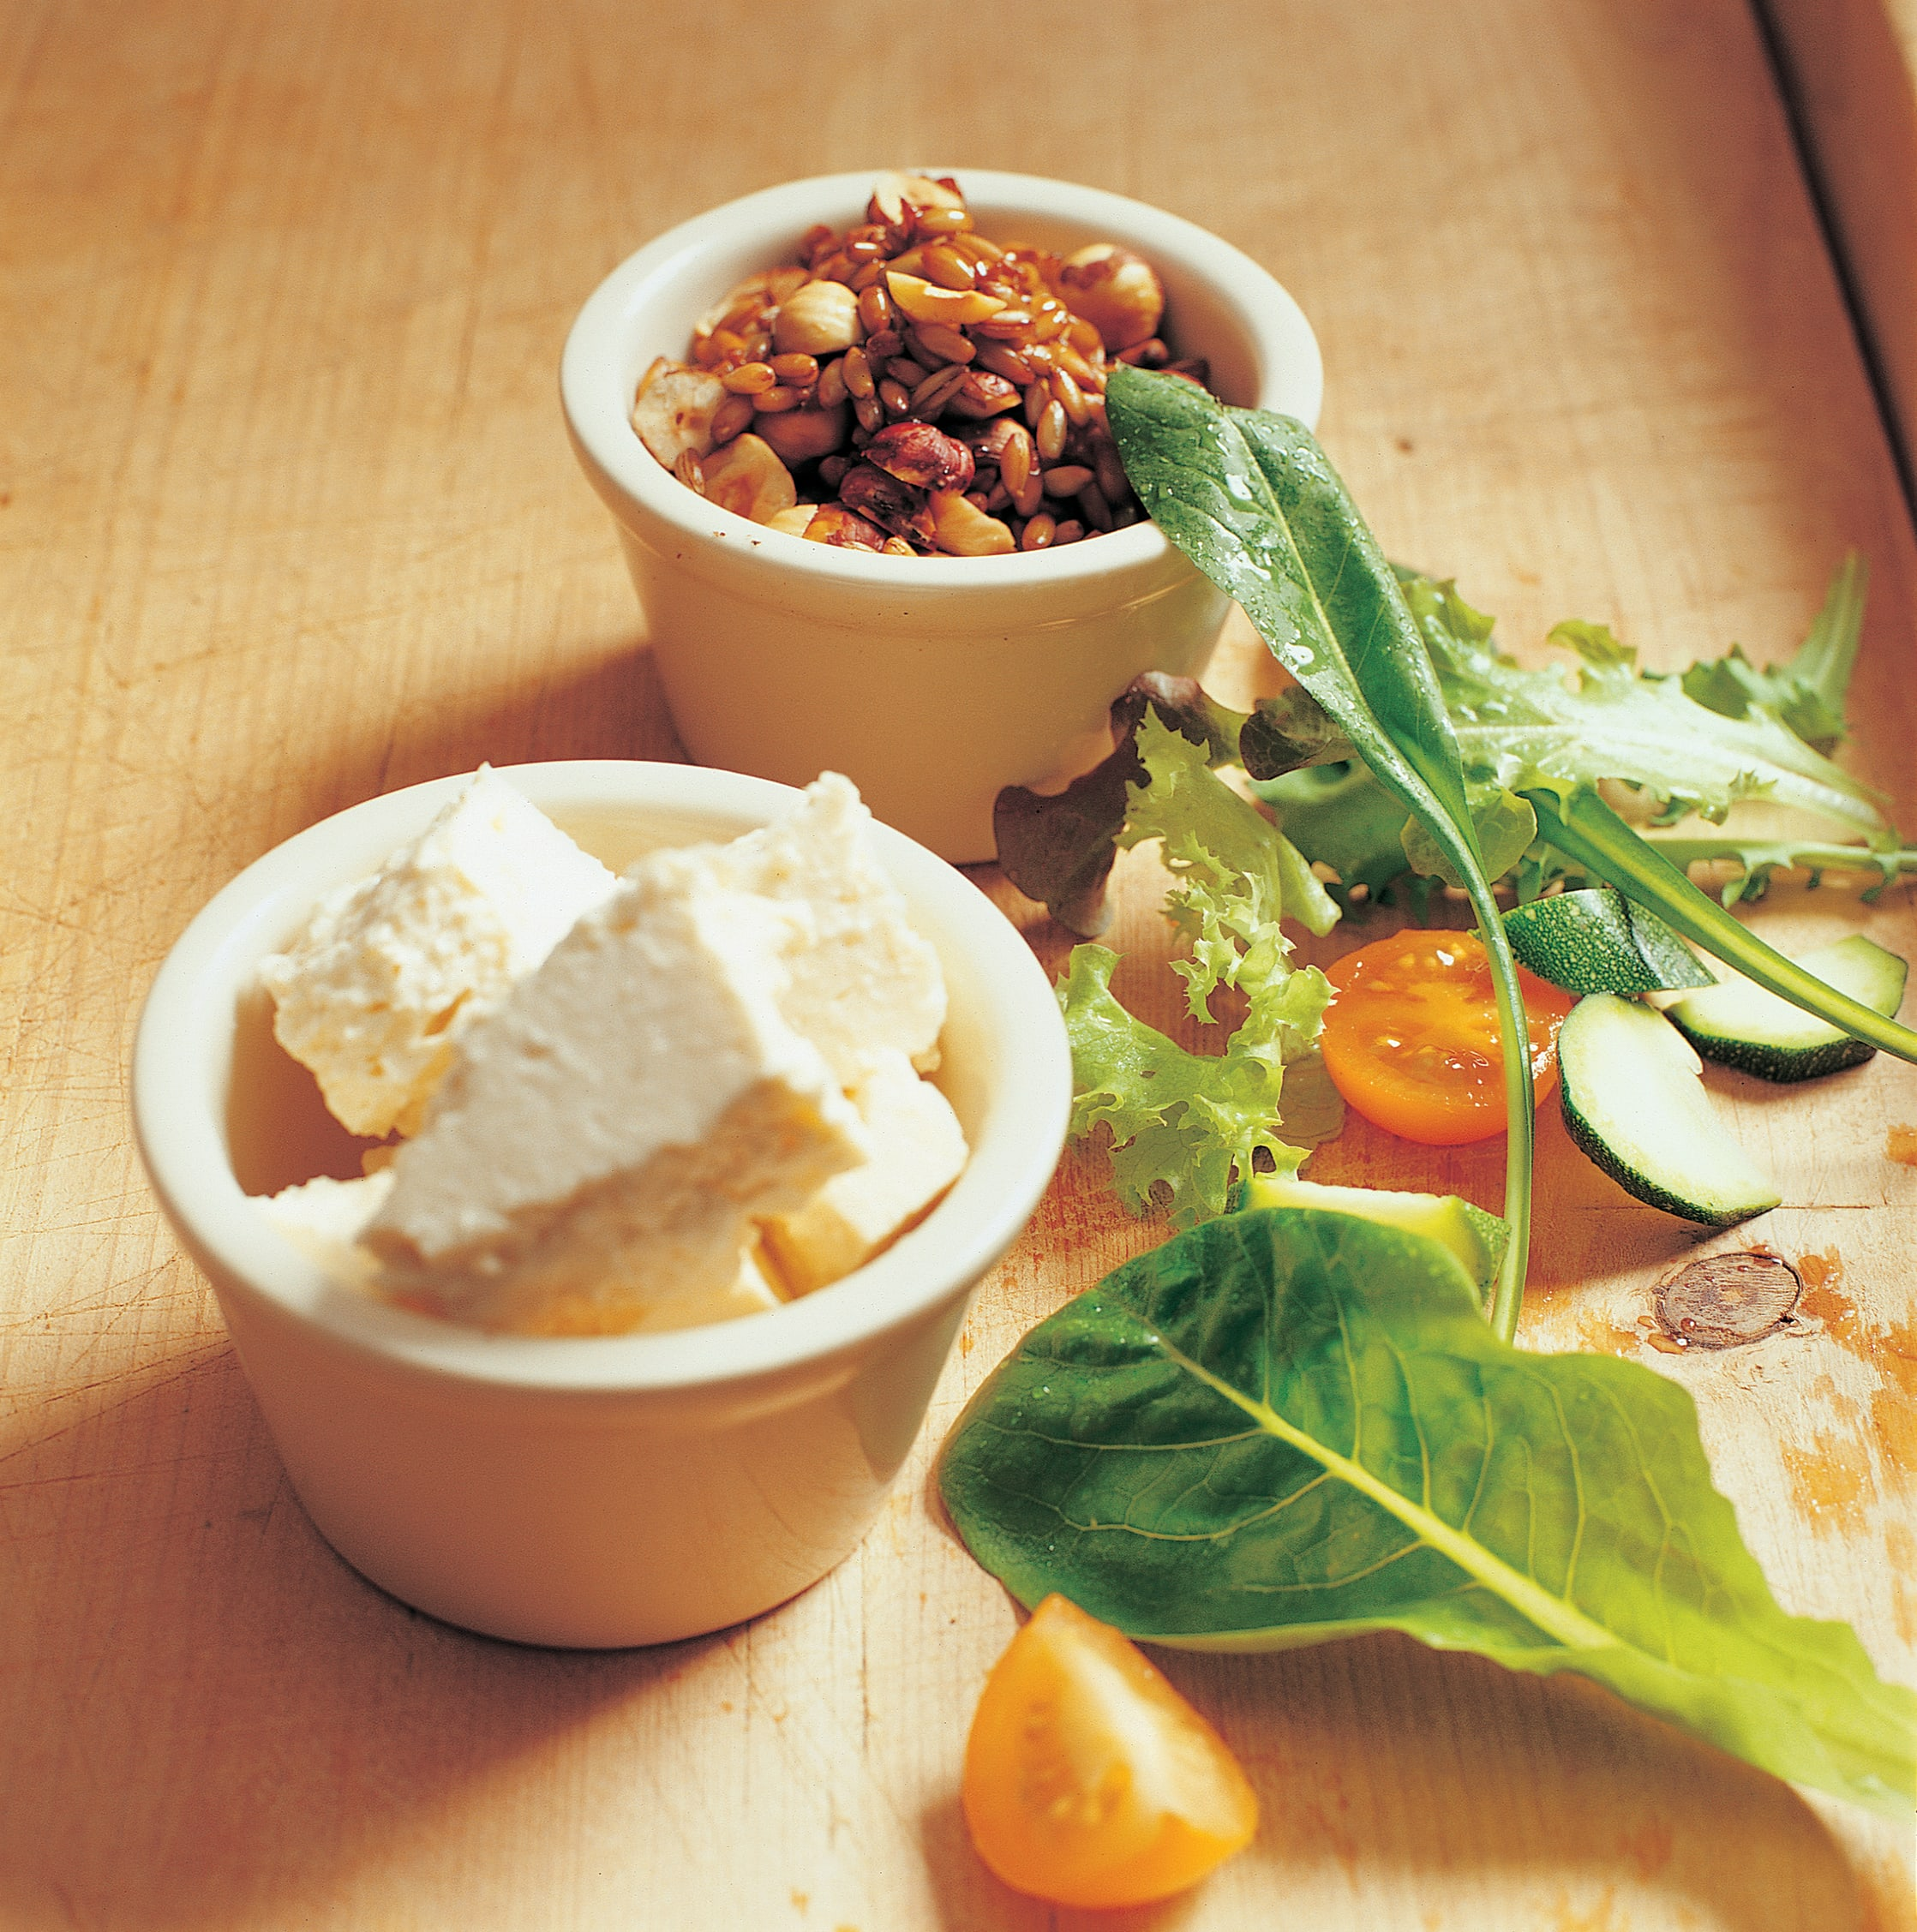 Salade au seigle mariné et au fromage frais